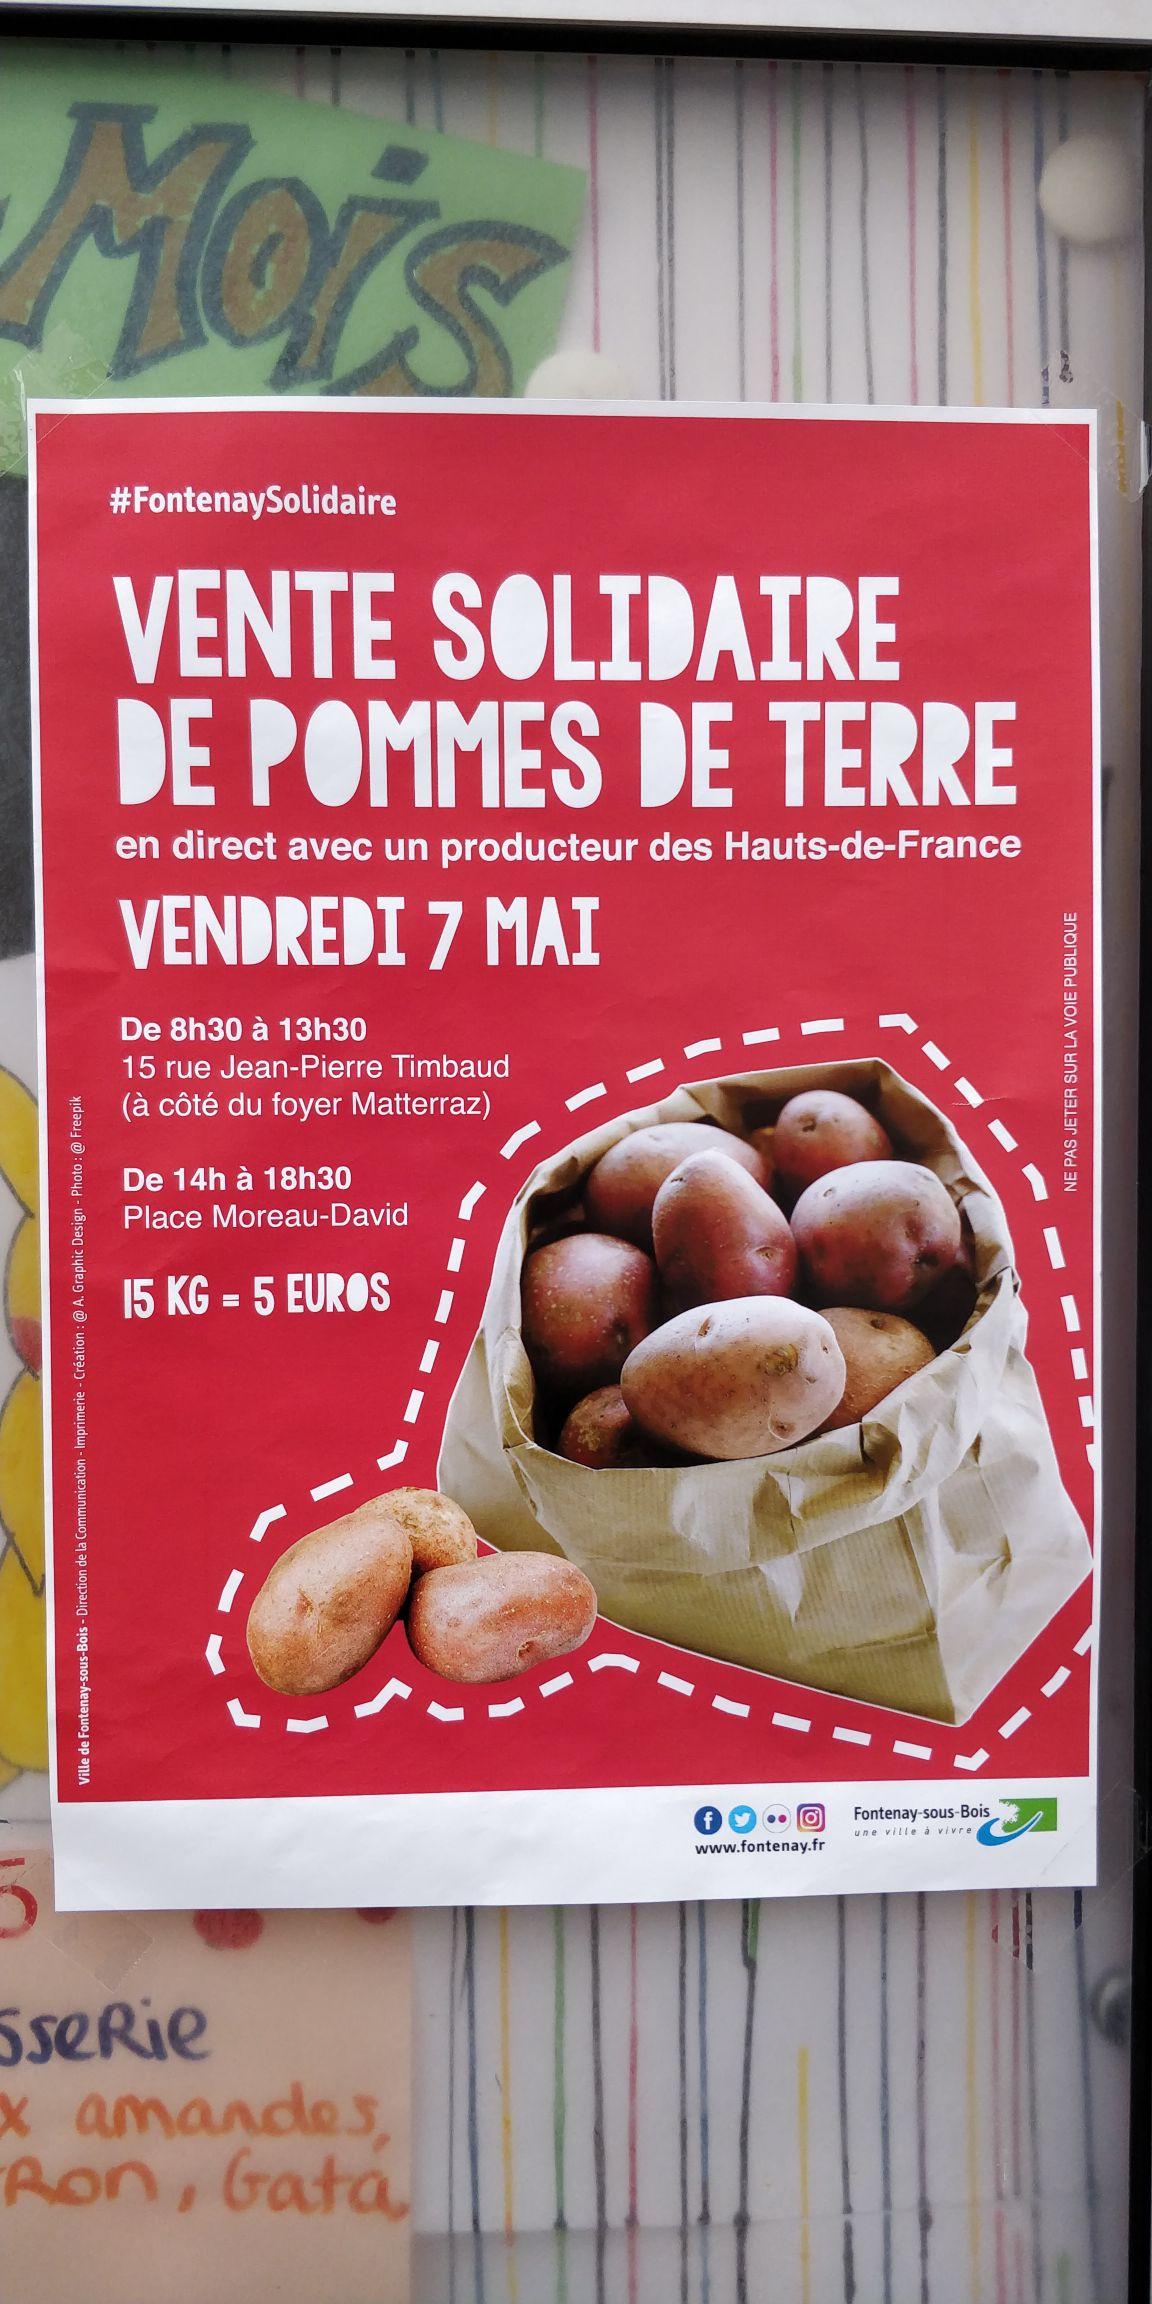 15 kgs de Pommes de terre - Fontenay (94) / Mureaux (78)